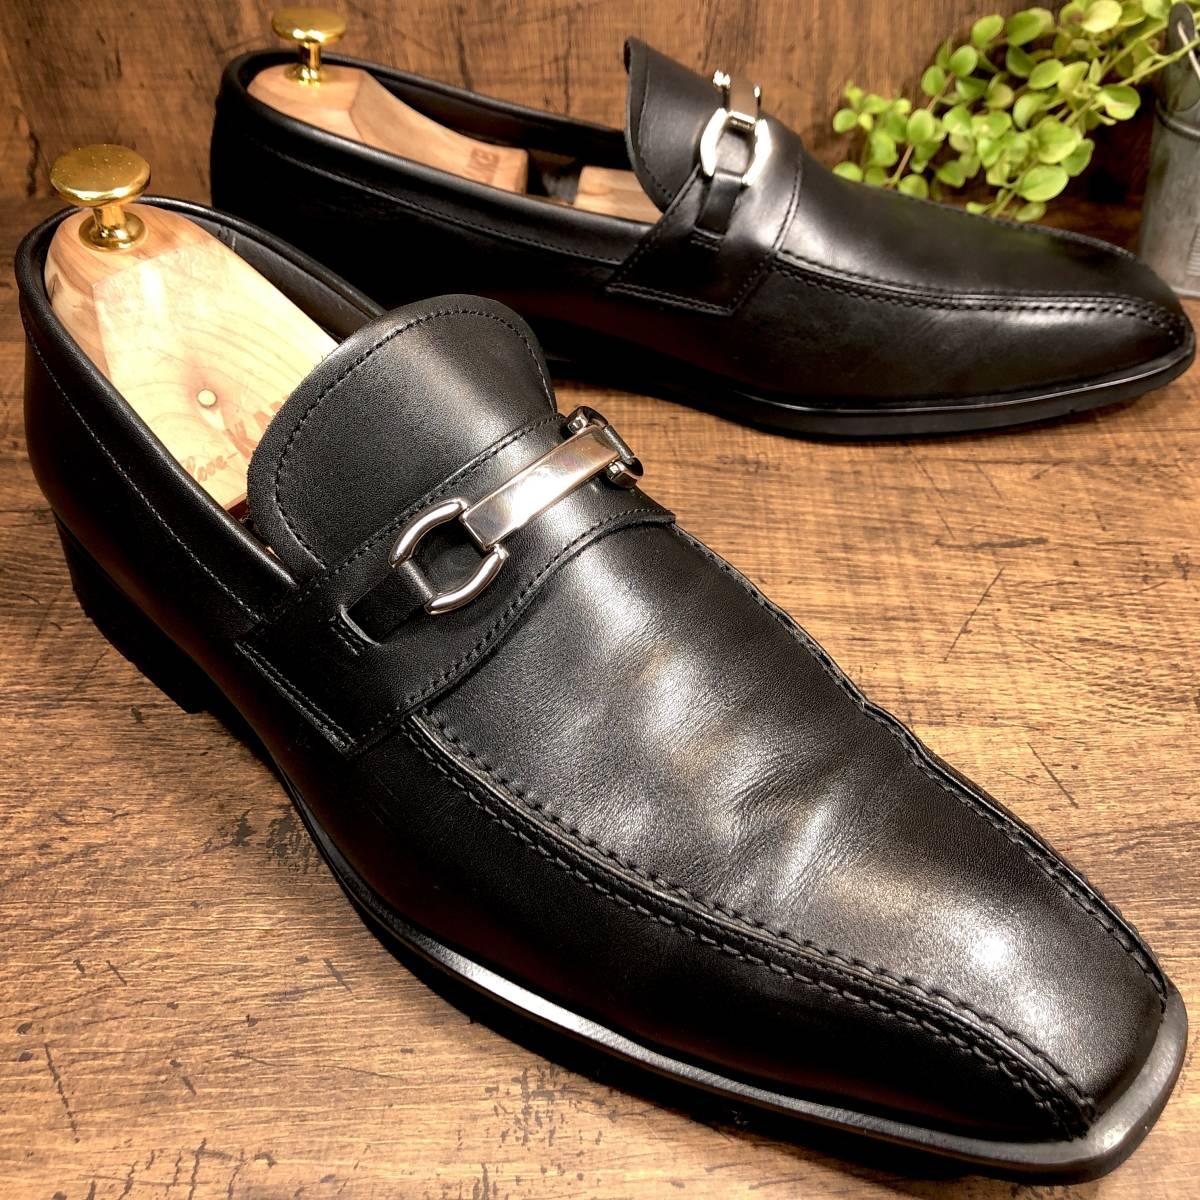 ■REGAL GORE-TEX■ 26.5cm 黒 ブラック リーガル ビットローファー ゴアテックス メンズ 革靴 靴 本革 ビジネス ドレス くつ 即決